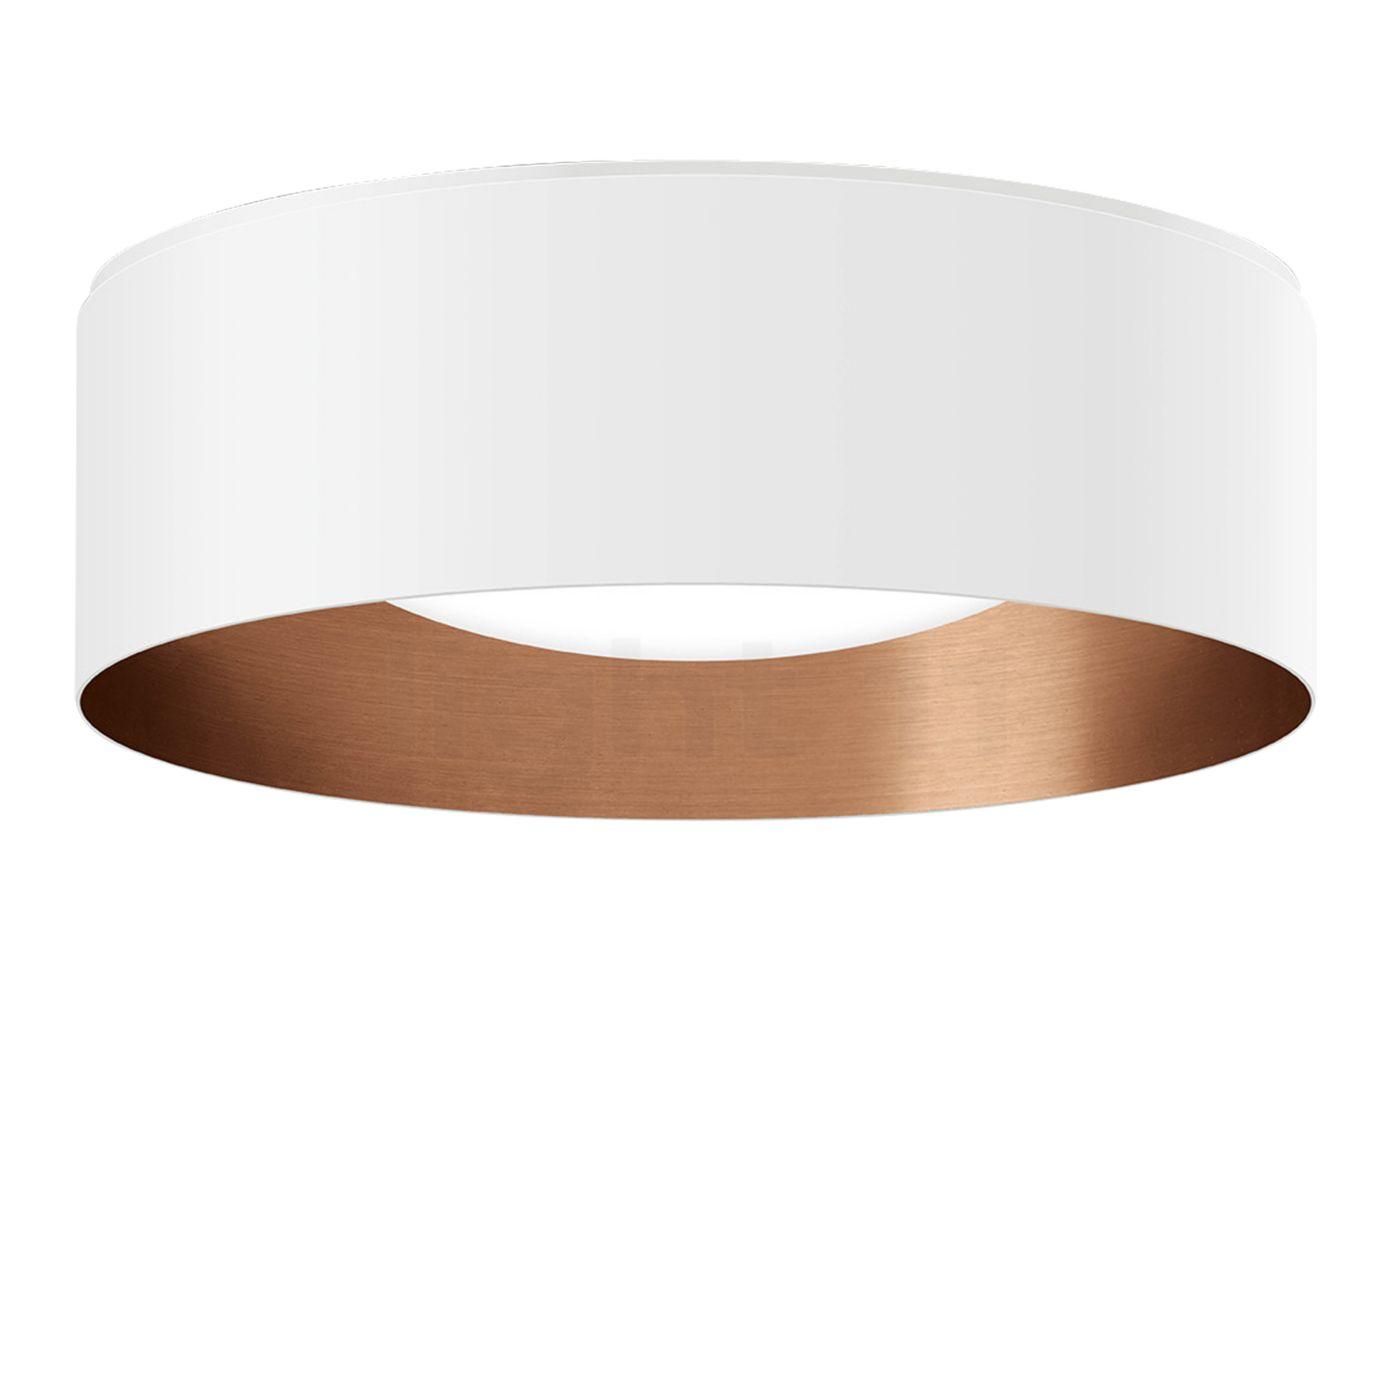 Kupfer Deckenlampe bega indoor studio line led-deckenleuchte rund kaufen bei light11.de